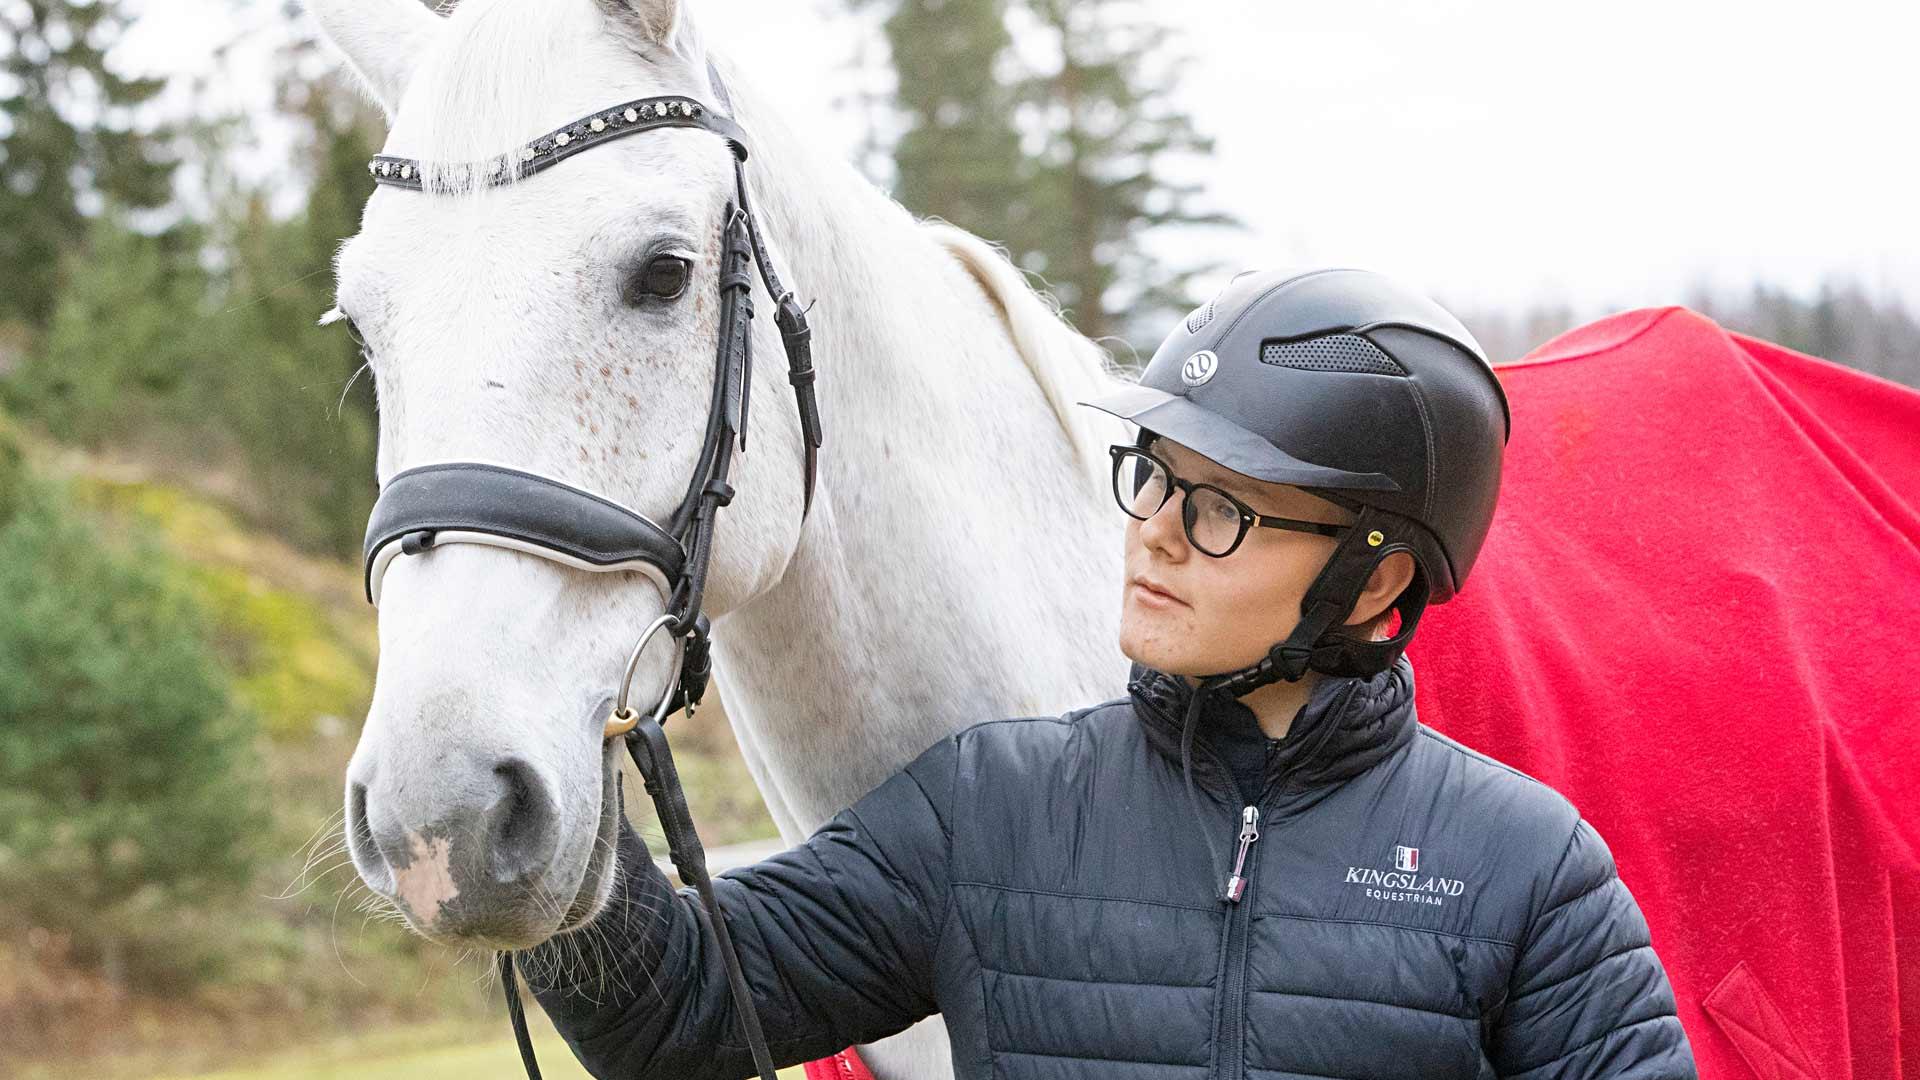 Vielä Arvi ei tiedä, mitä muuta hänestä tulee isona kuin kilparatsastaja. Mutta se on varmaa, että hän haluaa tienata paljon rahaa, jotka voi taas tuhlata hevosiin.